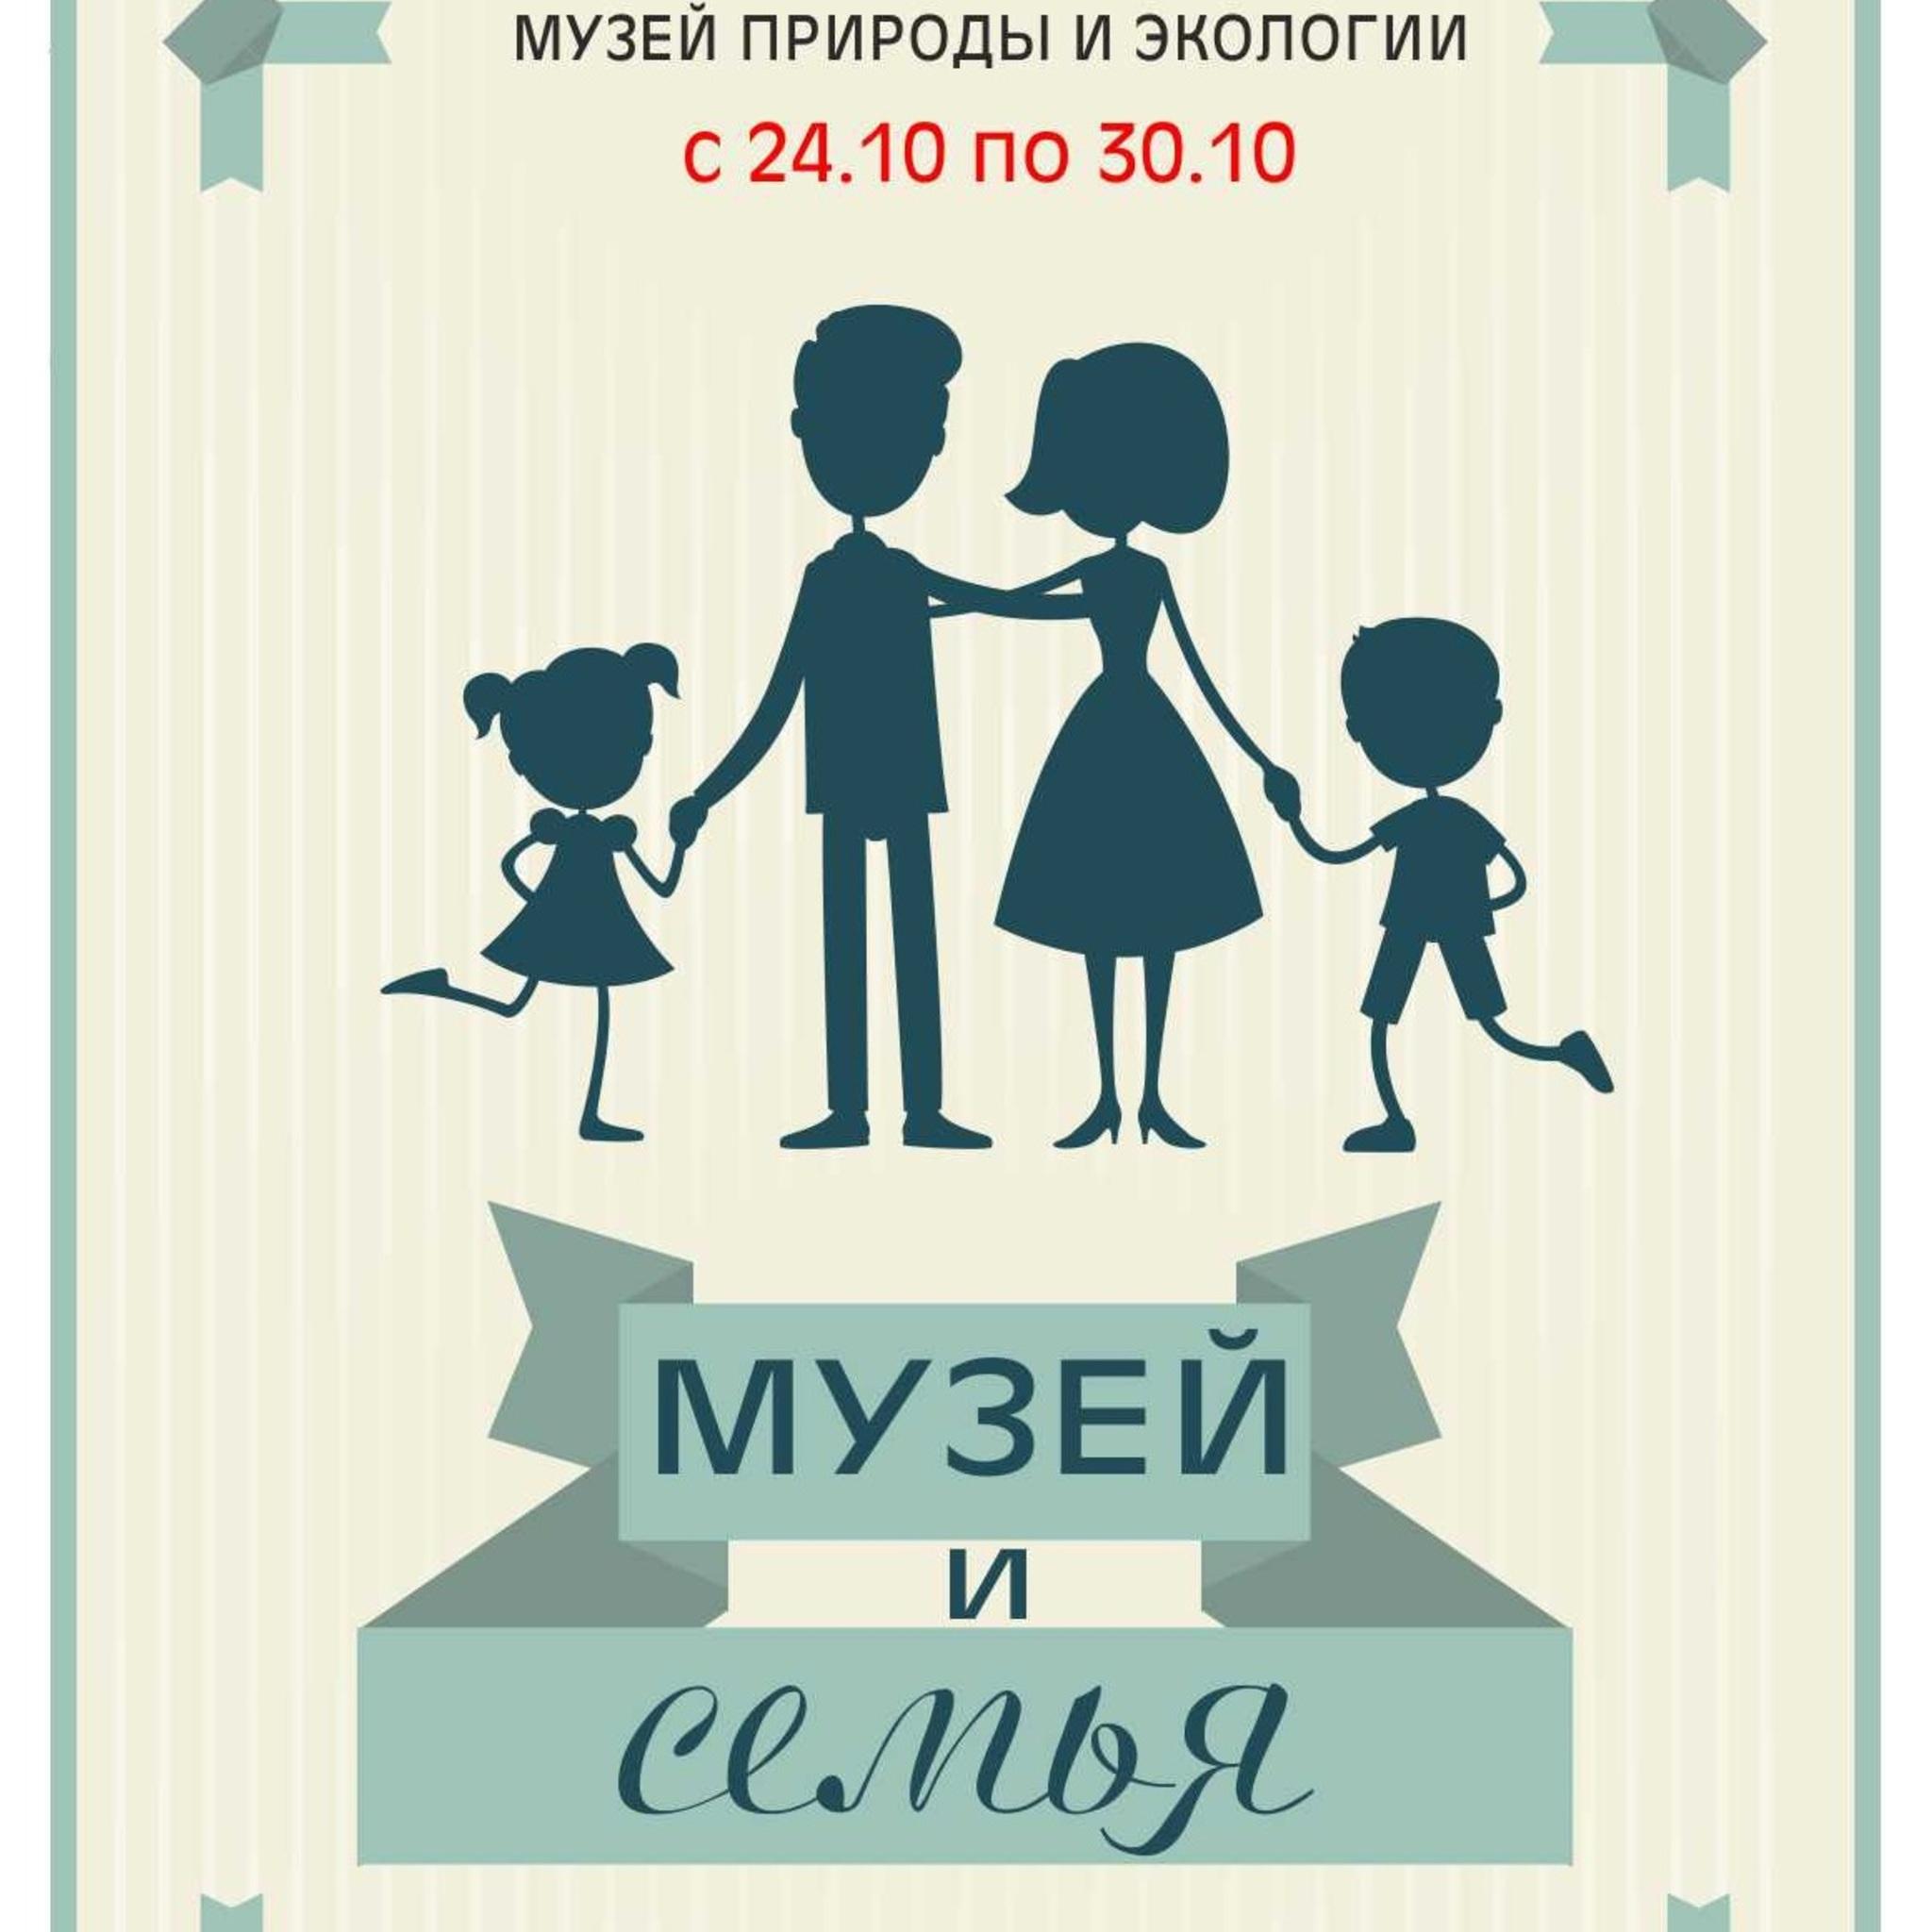 Акция «Музей и семья»